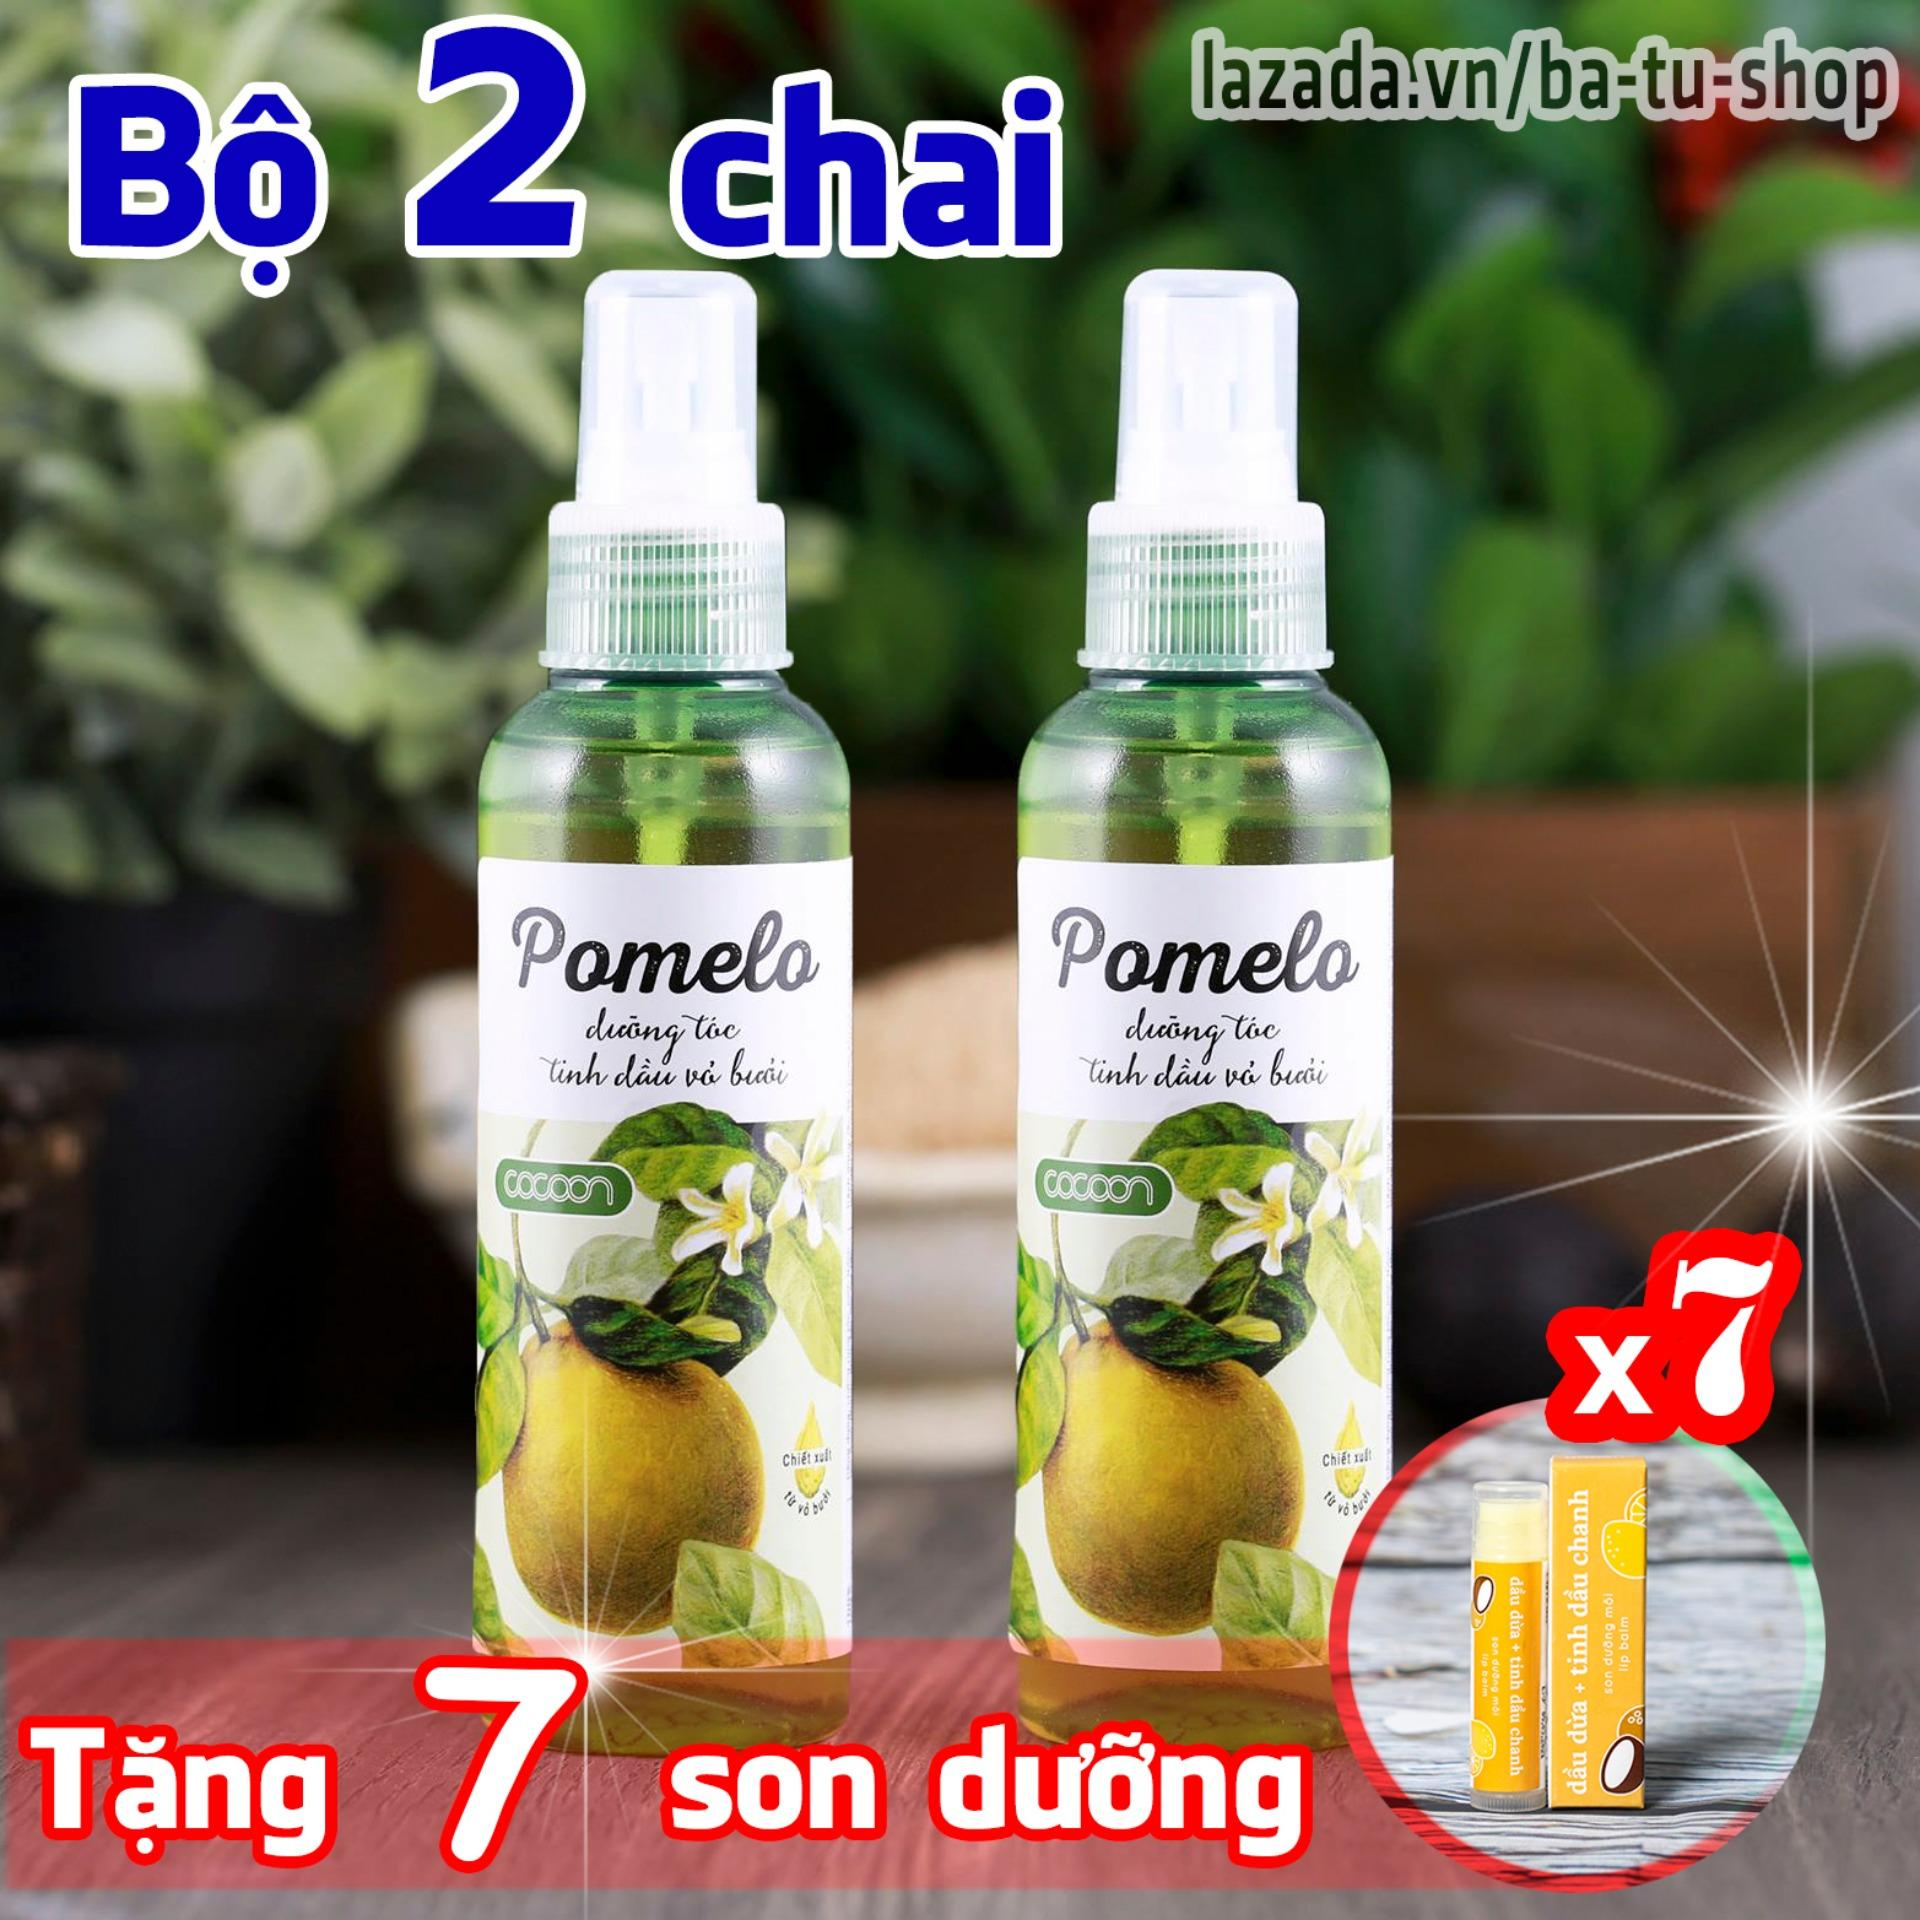 Hình ảnh Bộ 2 chai xịt tinh dầu bưởi Pomelo tặng ngay 7 son dưỡng môi Lip Care